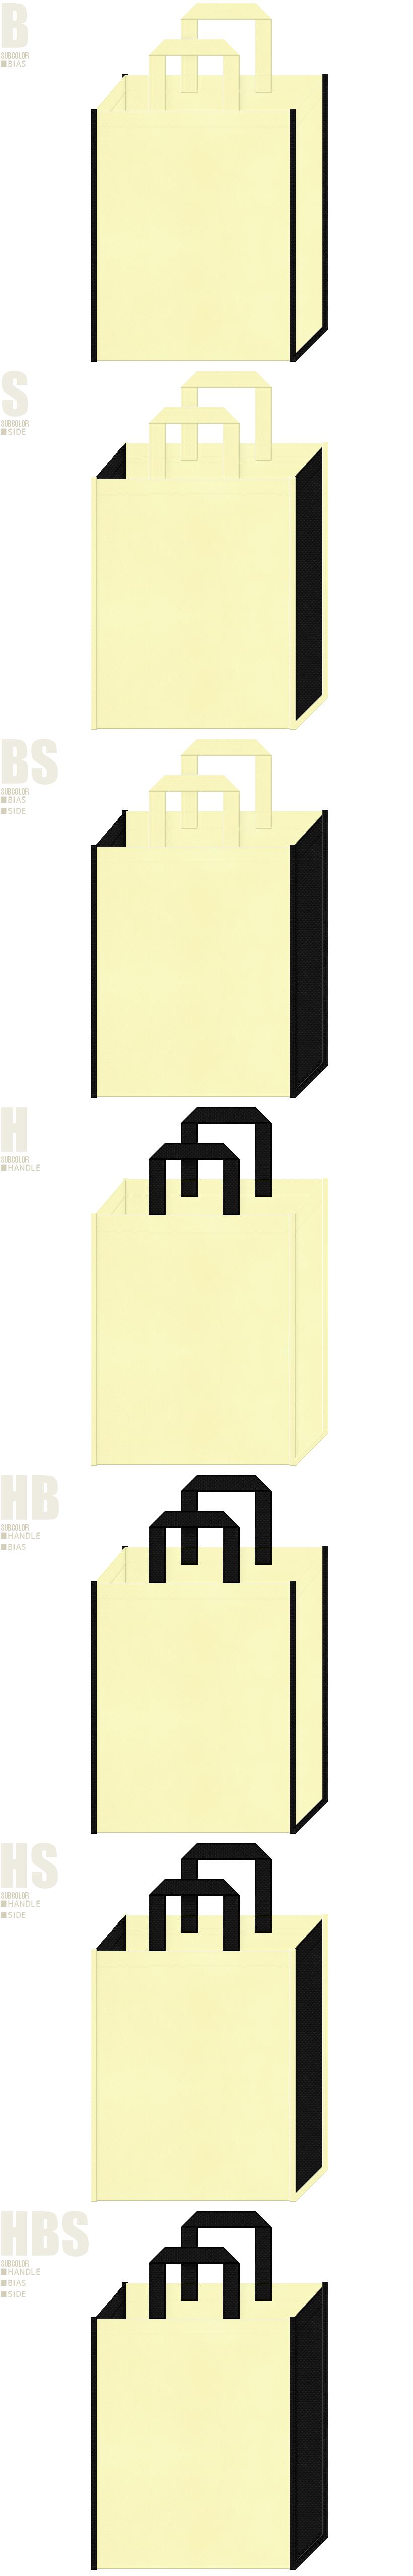 月光・月明かり・月見の宴・ゲーム・お城イベントにお奨めの不織布バッグデザイン:薄黄色と黒色の配色7パターン。